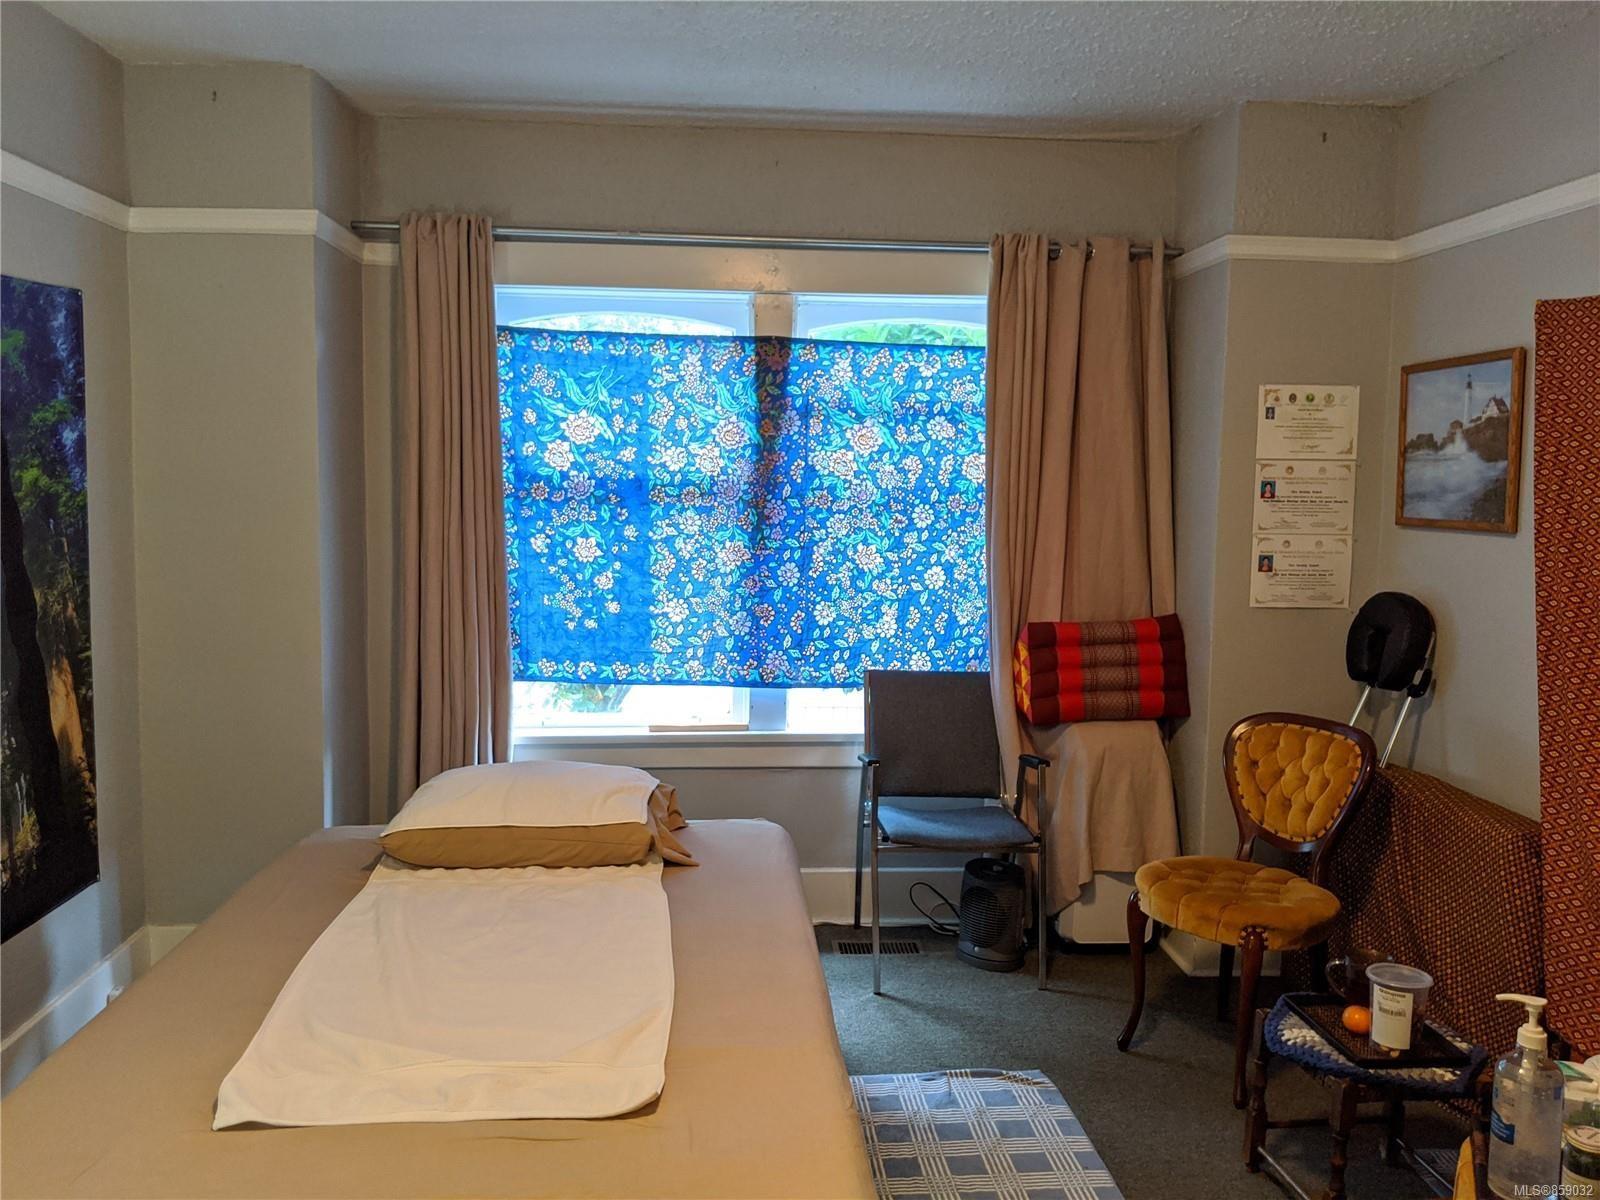 Photo 9: Photos: 331 St. Julian St in : Du West Duncan Office for sale (Duncan)  : MLS®# 859032